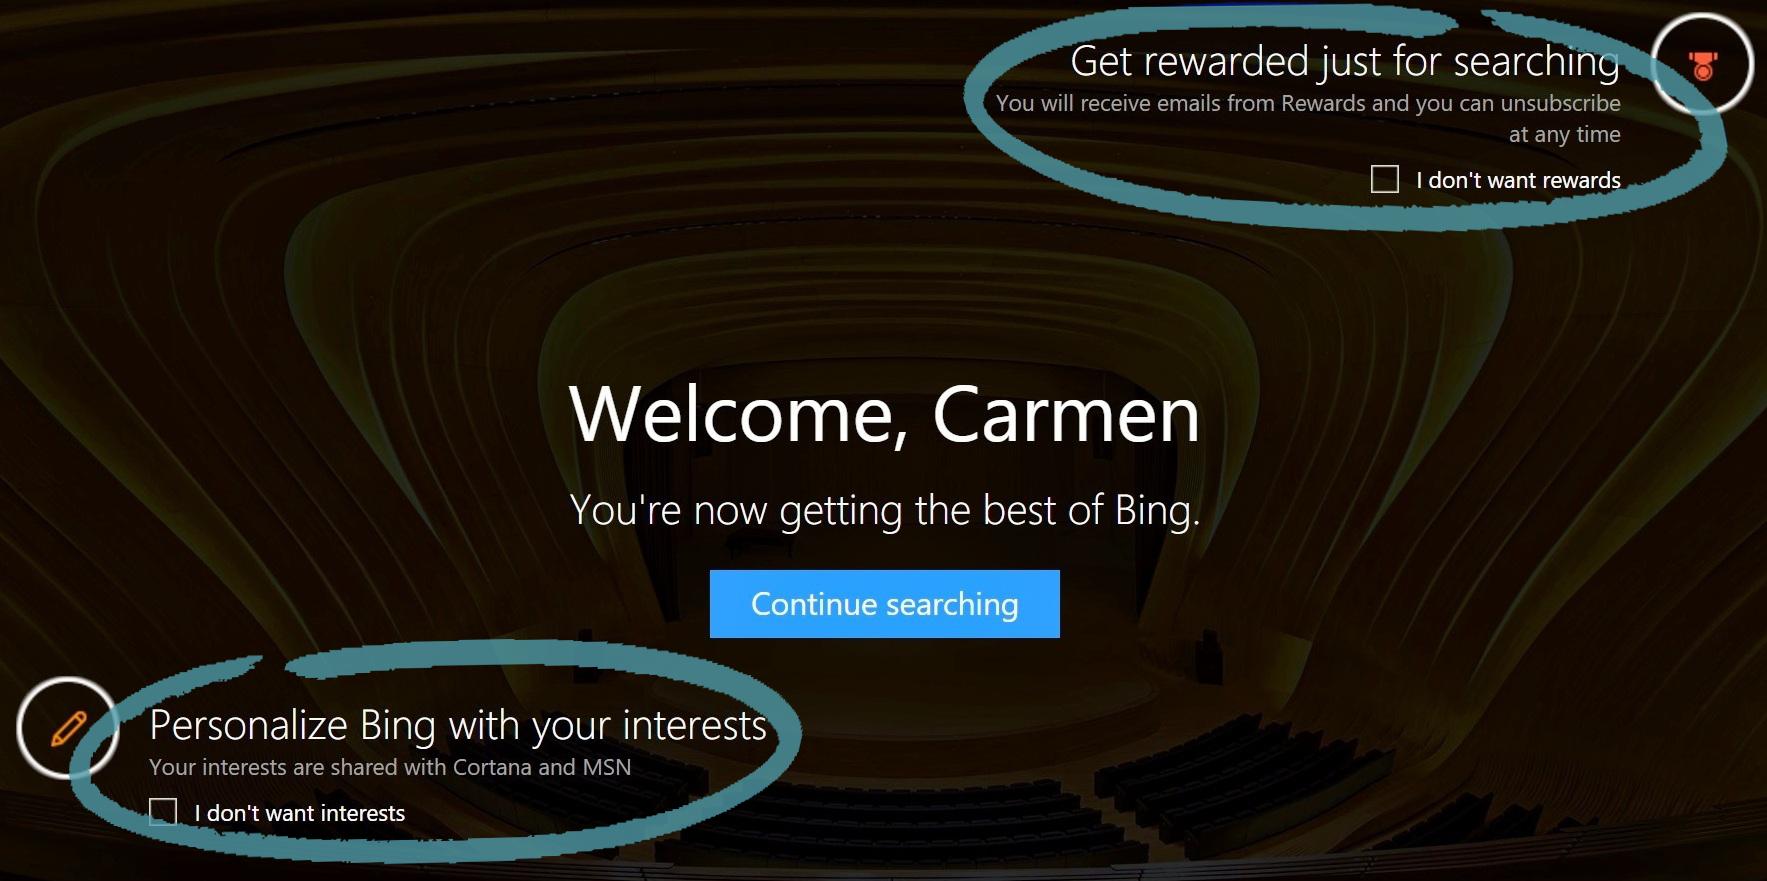 Bing-kotisivu – Palkkioiden ja kiinnostuksen kohteiden palveluihin liittyminen